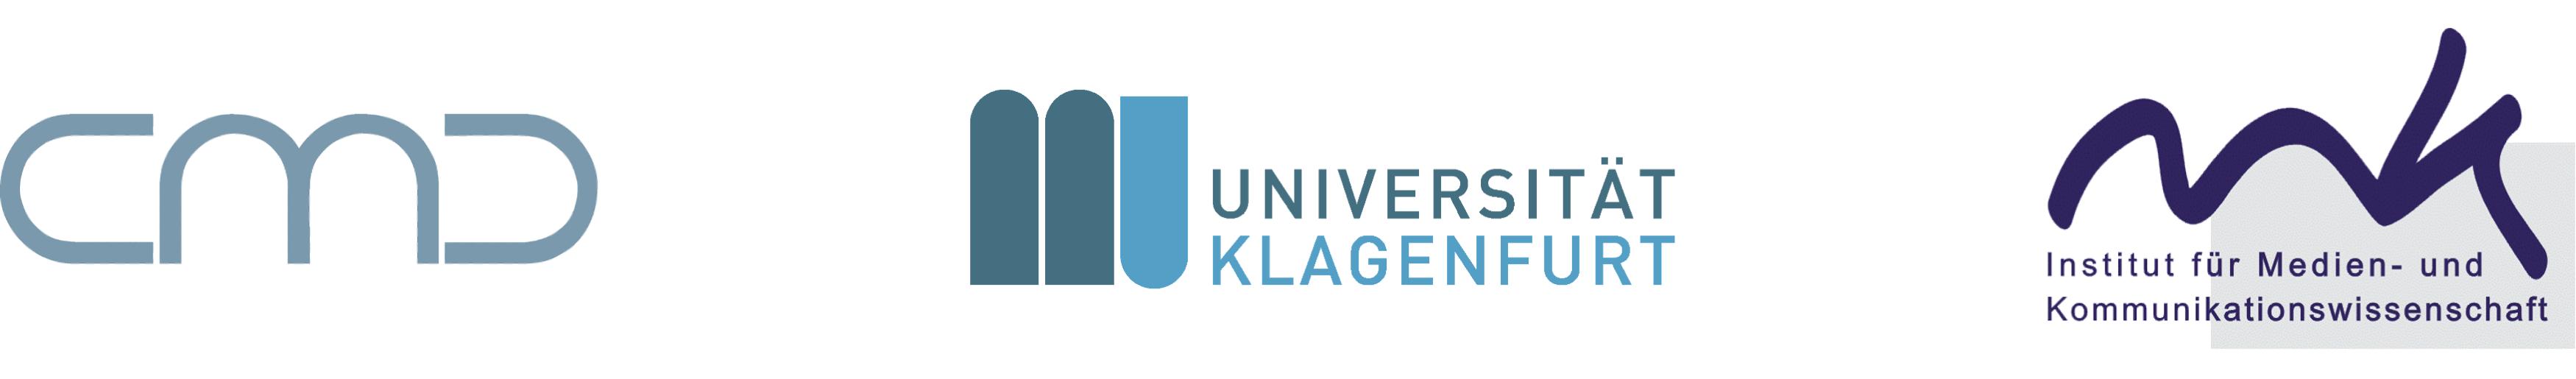 Logos des CMC, der Universität Klagenfurt und des MK-Instituts